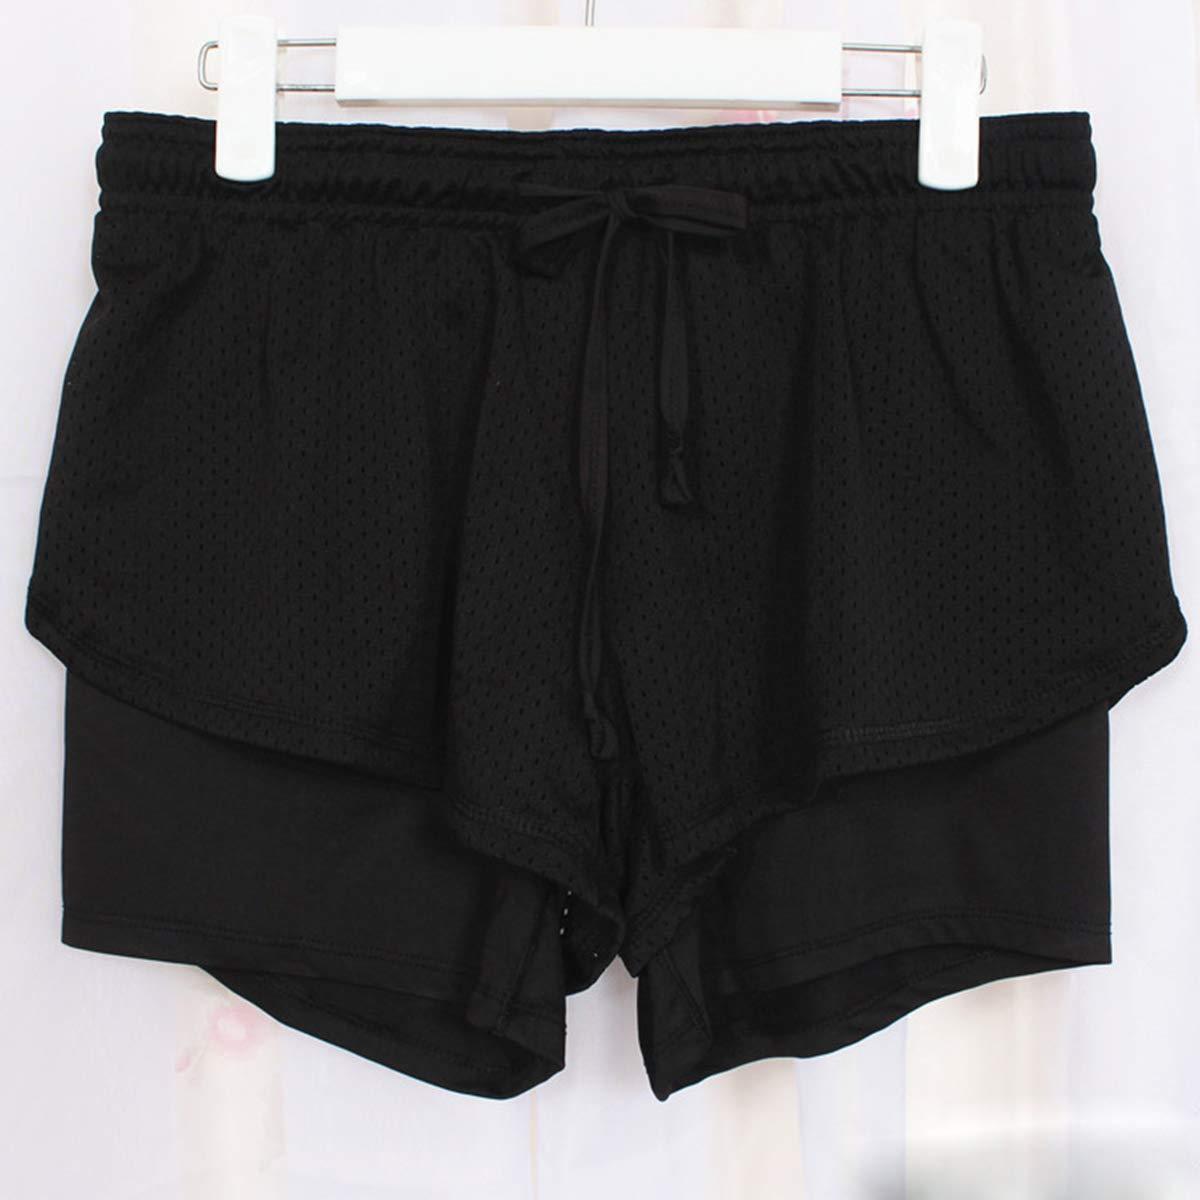 Amazon.com: ECYC - Pantalones cortos de secado rápido para ...